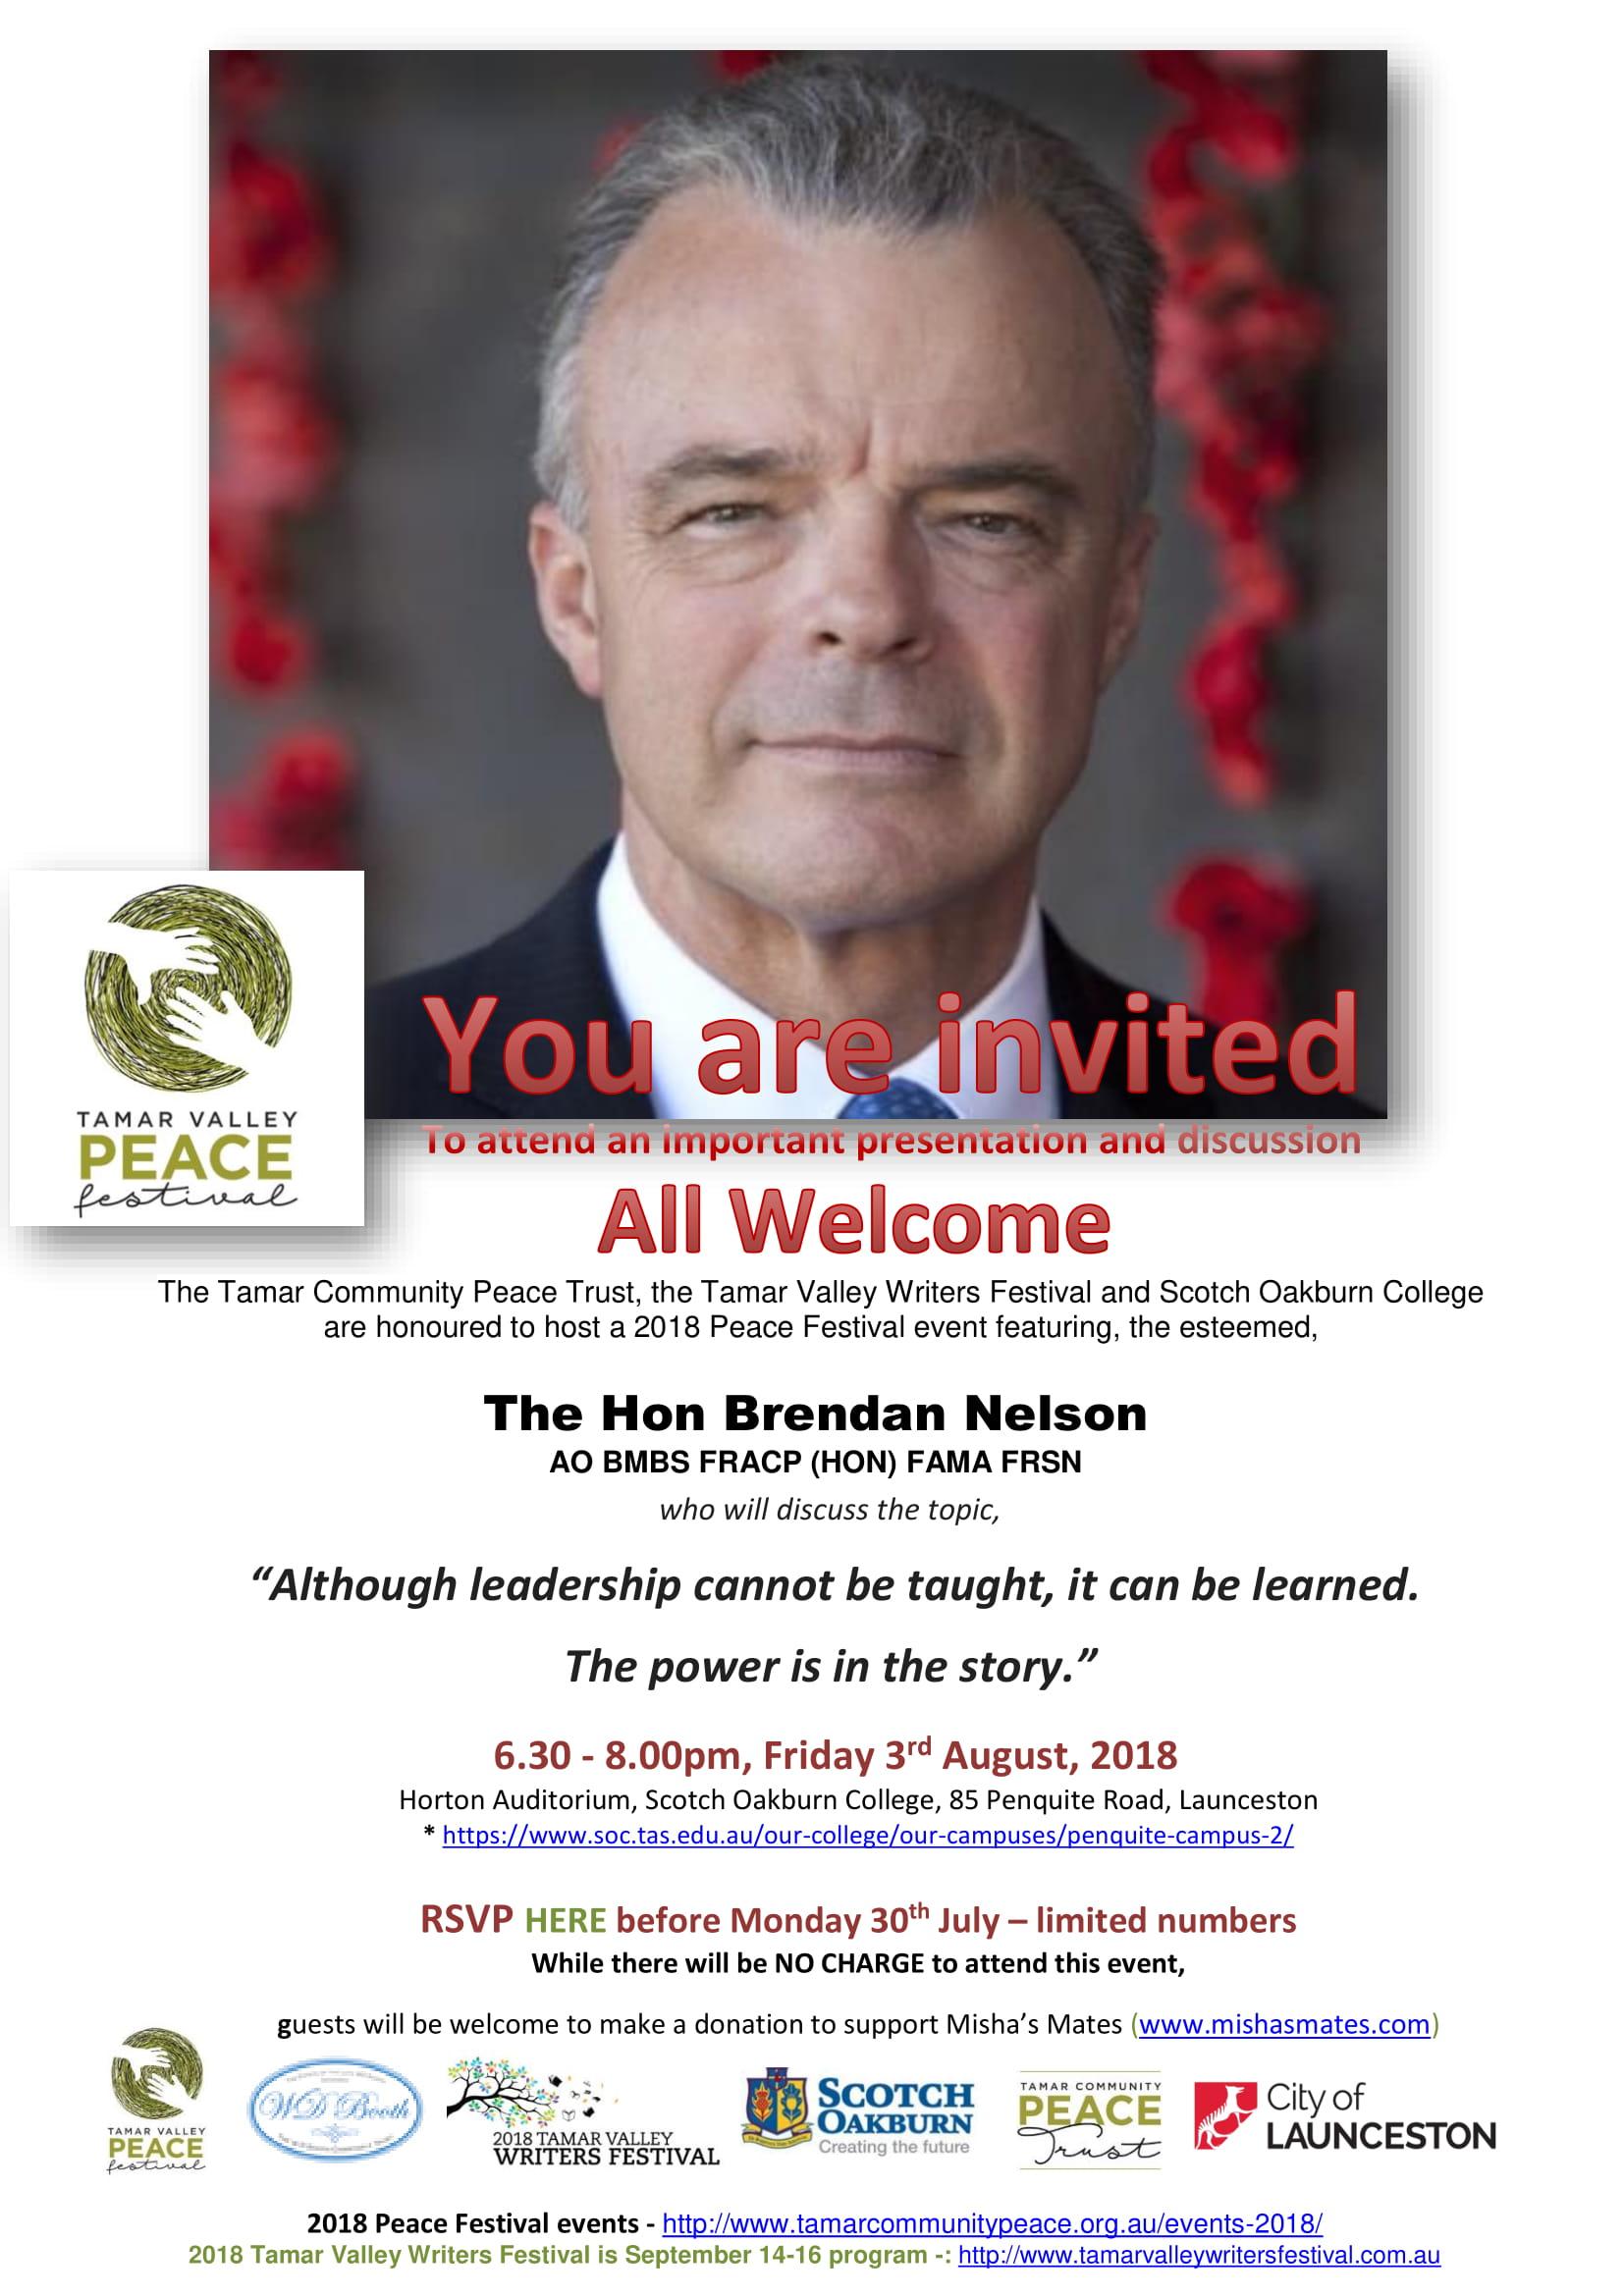 Brendan Nelson invite final 290618-1.jpg